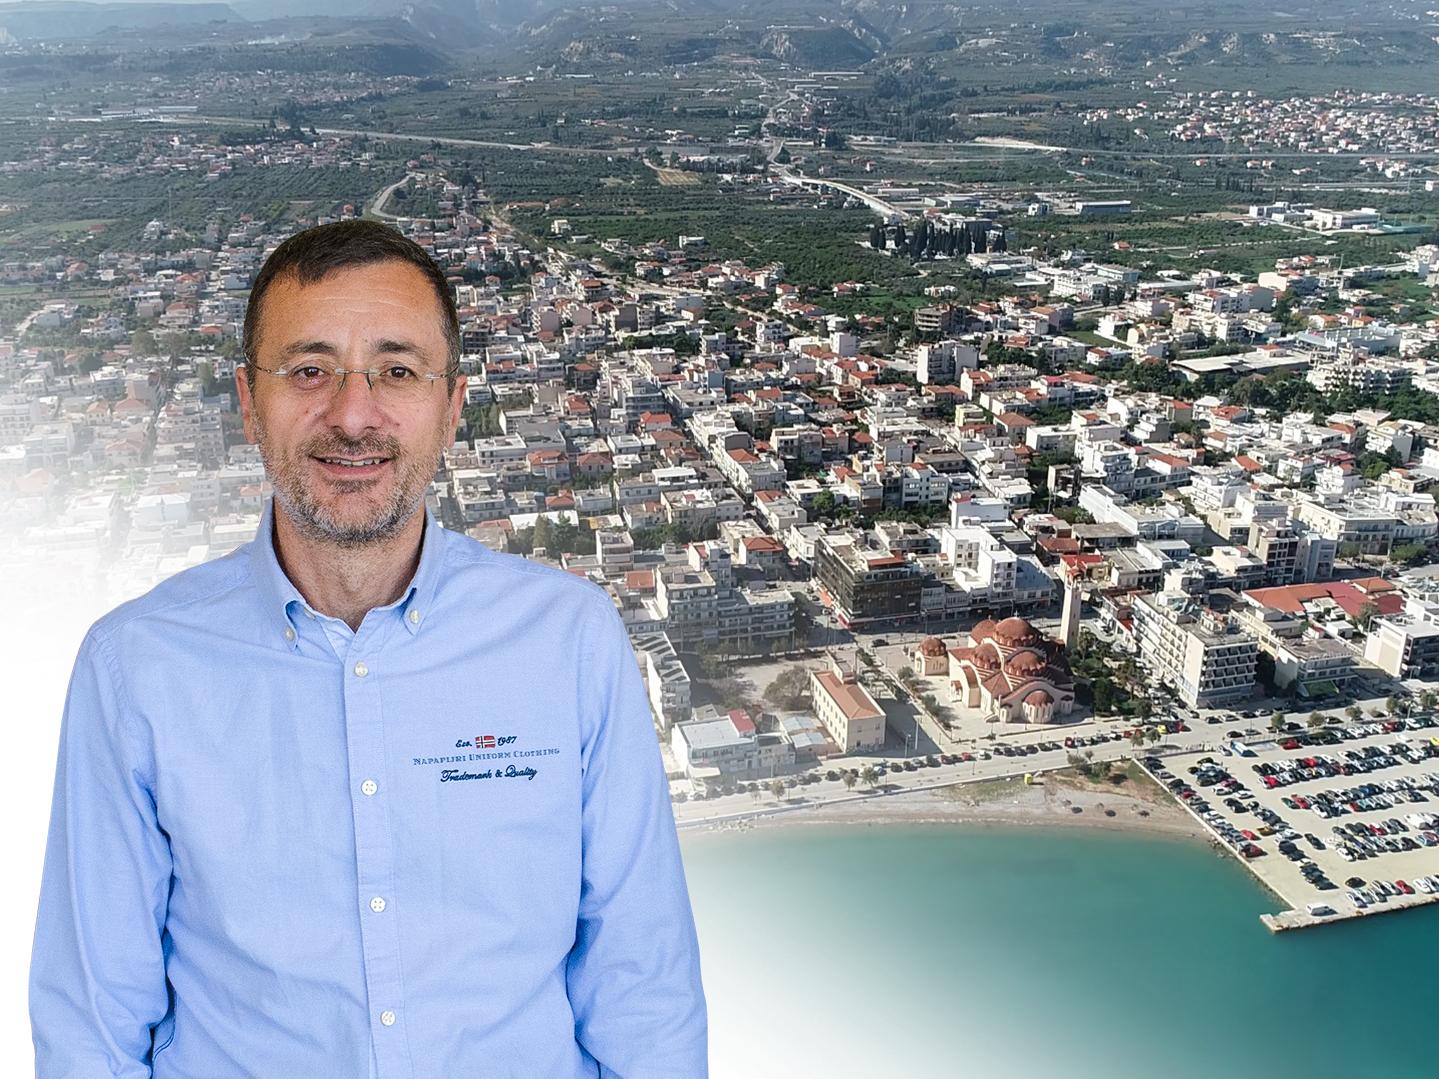 2,2 εκατ. ευρώ στη ΔΕΥΑ Σικυωνίων για έργα αντιπλημμυρικής προστασίας